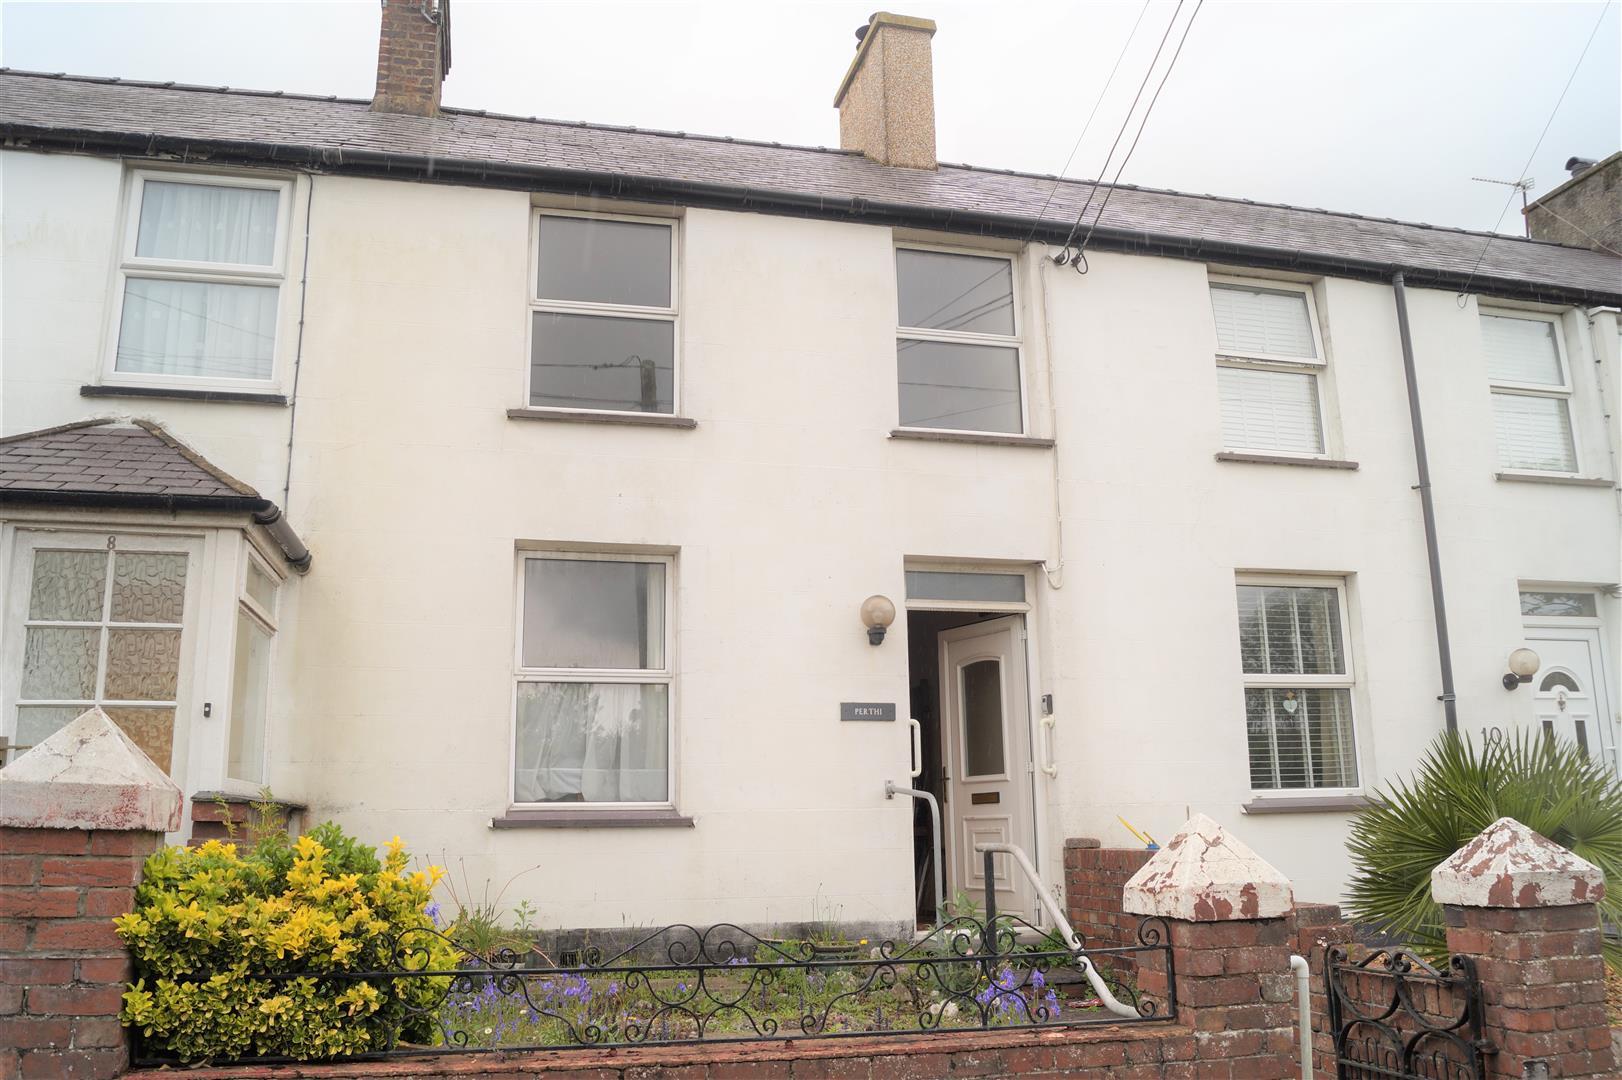 Glan Y Wern Terrace, Chwilog, Pwllheli - £95,000